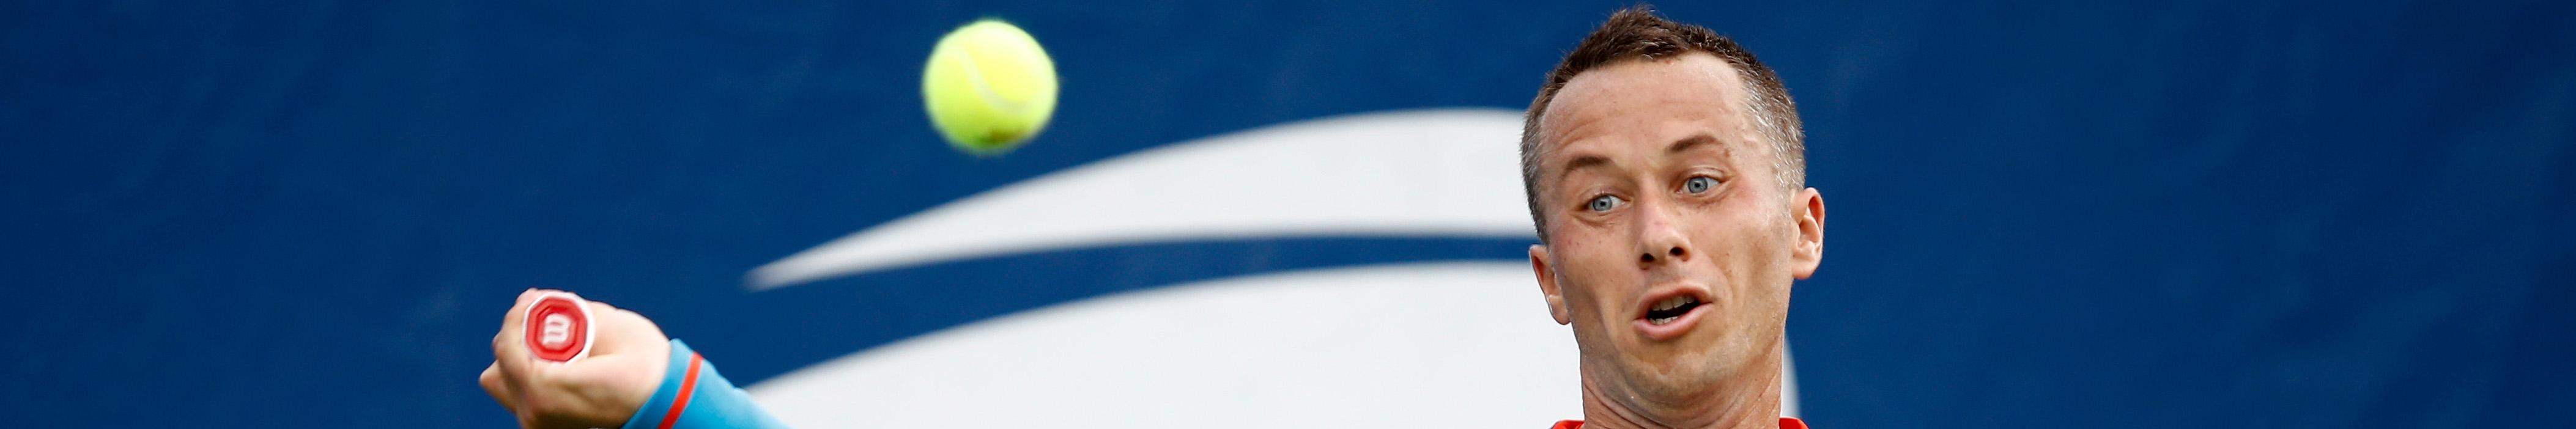 US Open: Deutsches Duell und schwere Brocken für Kerber und Struff